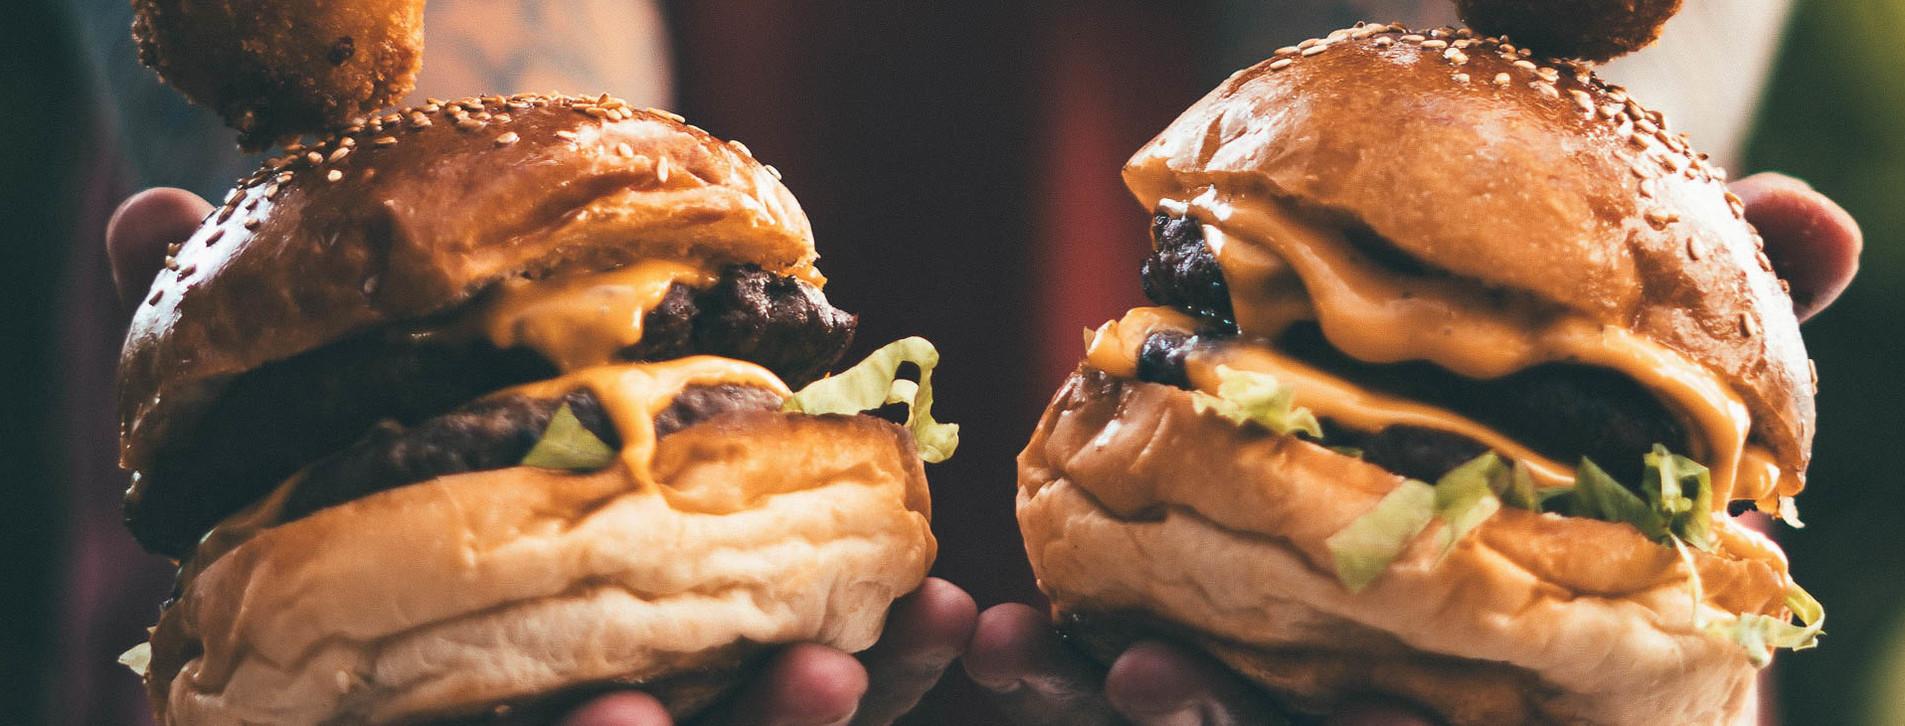 Фото 1 - Урок приготовления бургеров для двоих